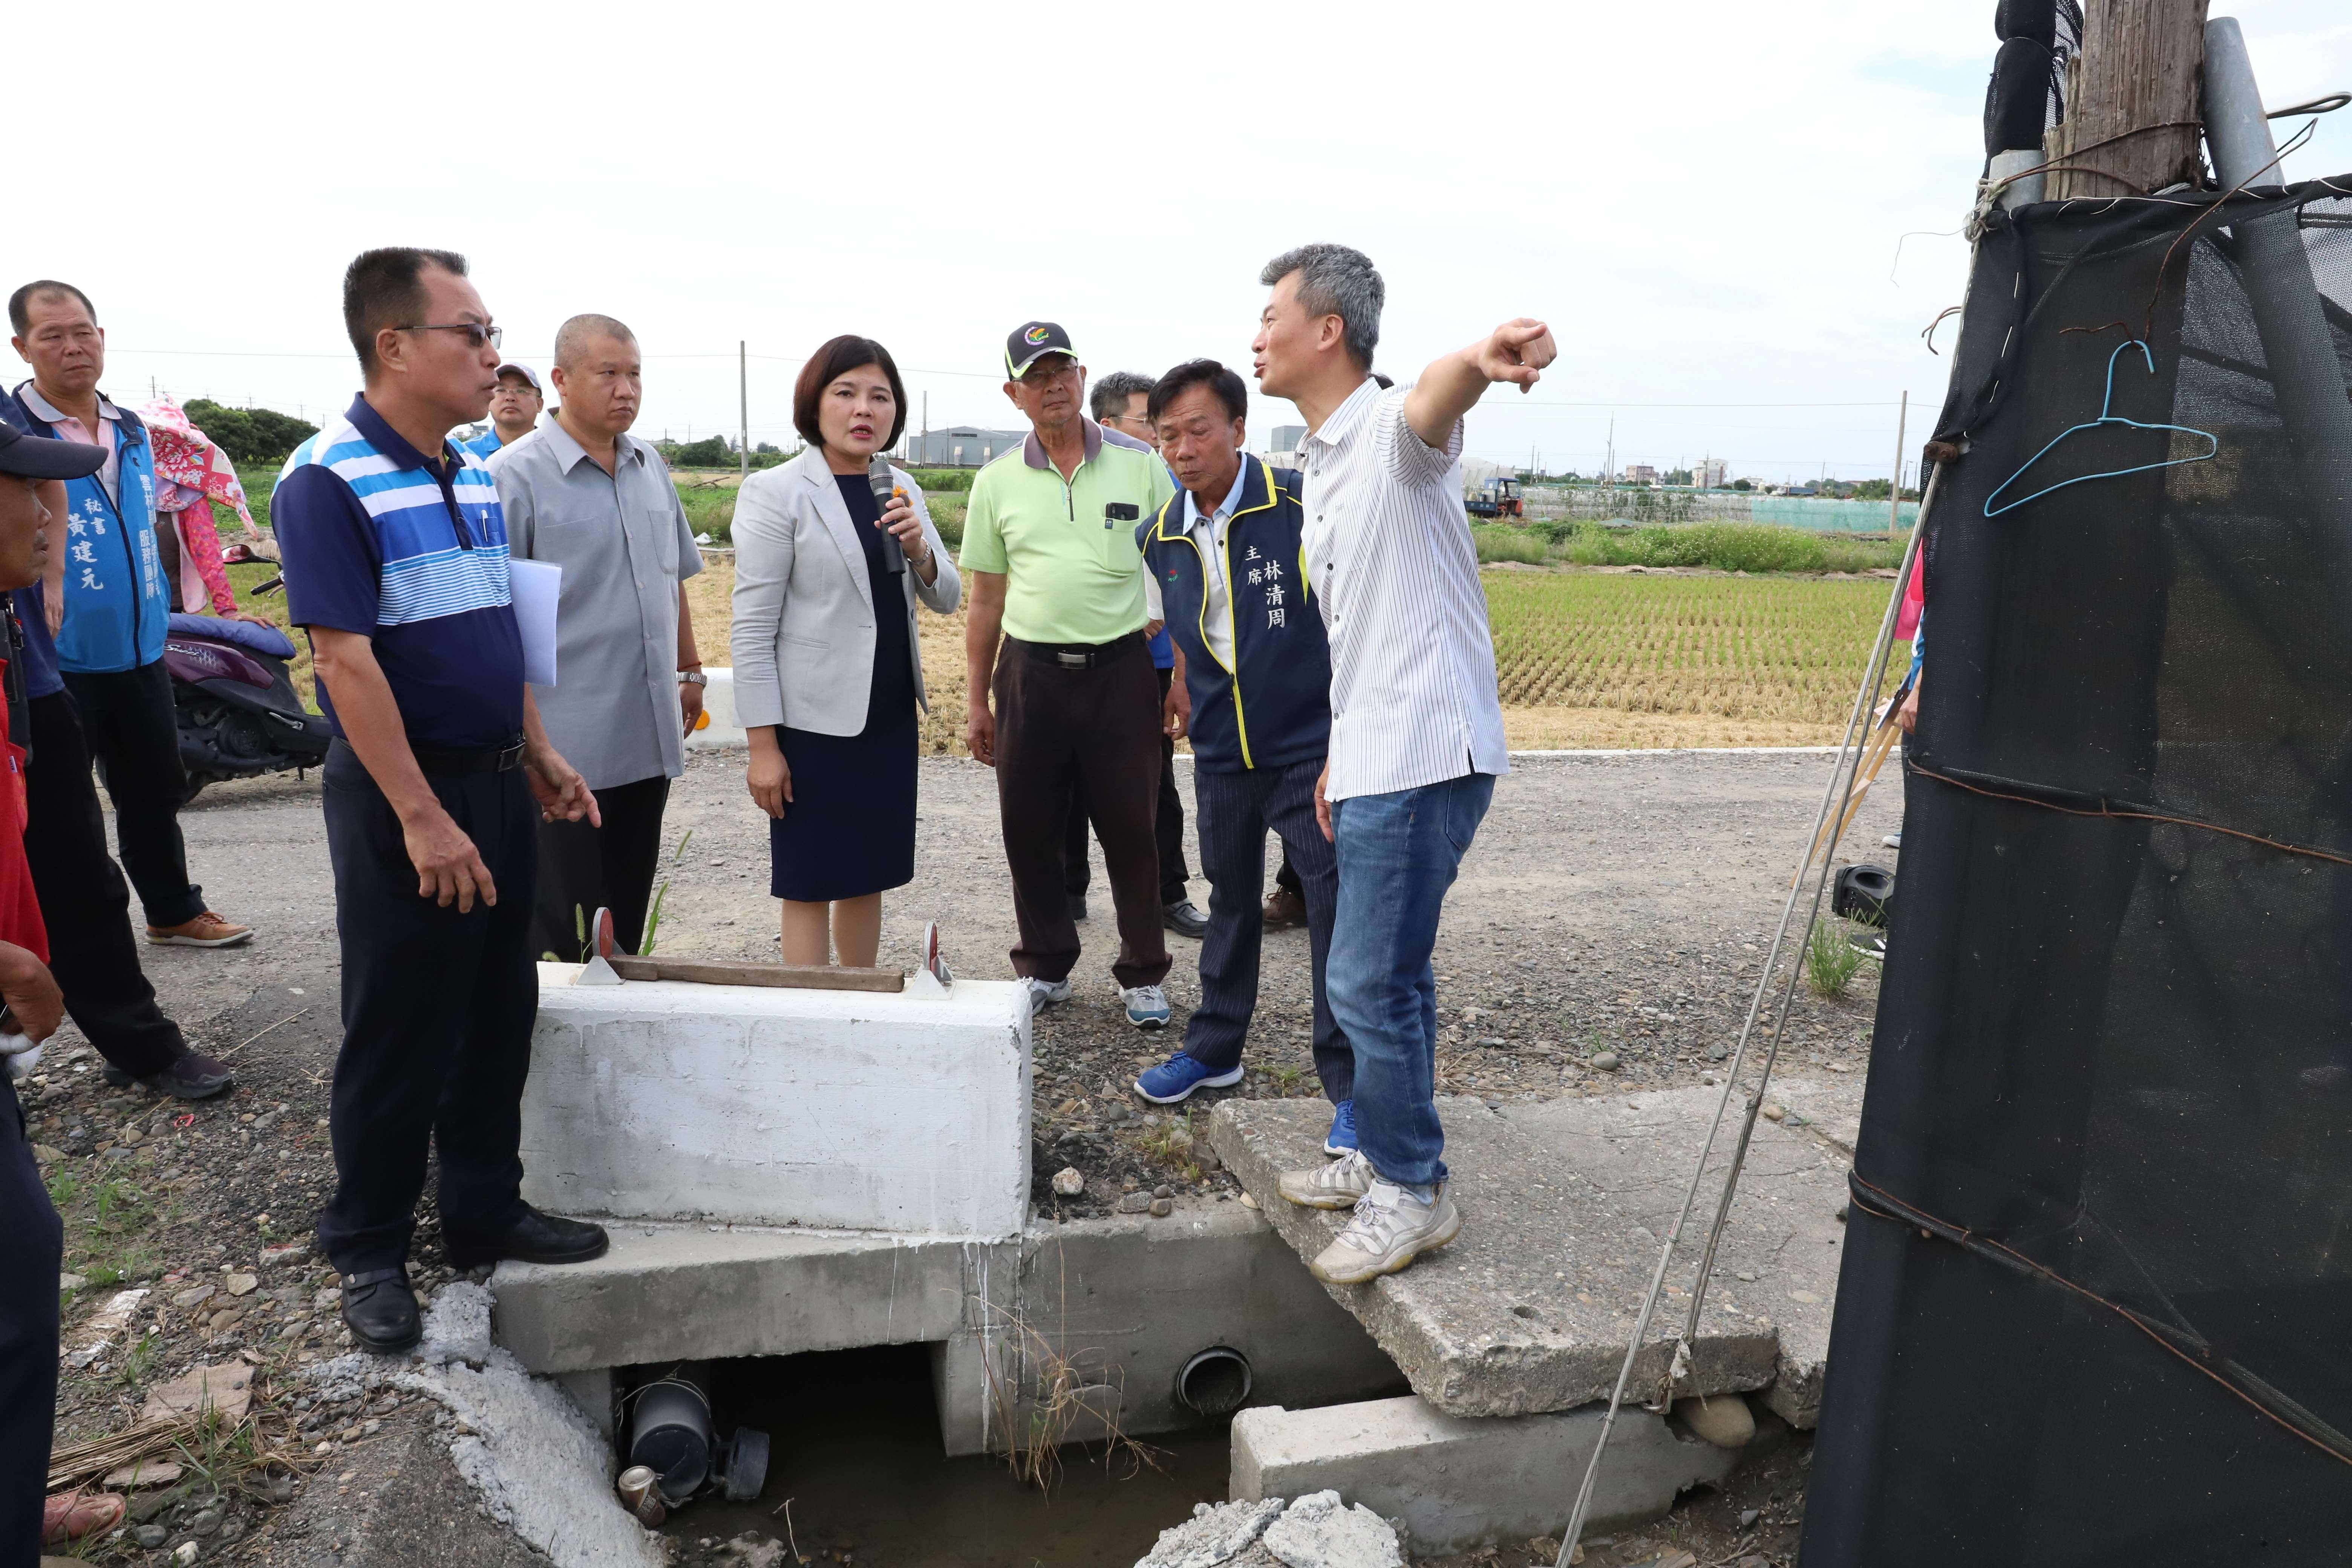 莿桐鄉大埔尾(二)早期農地重劃區除路面未鋪設柏油,影響行車安全外,尚有排水不良等問題,張縣長希望農田水利會能協助改善。